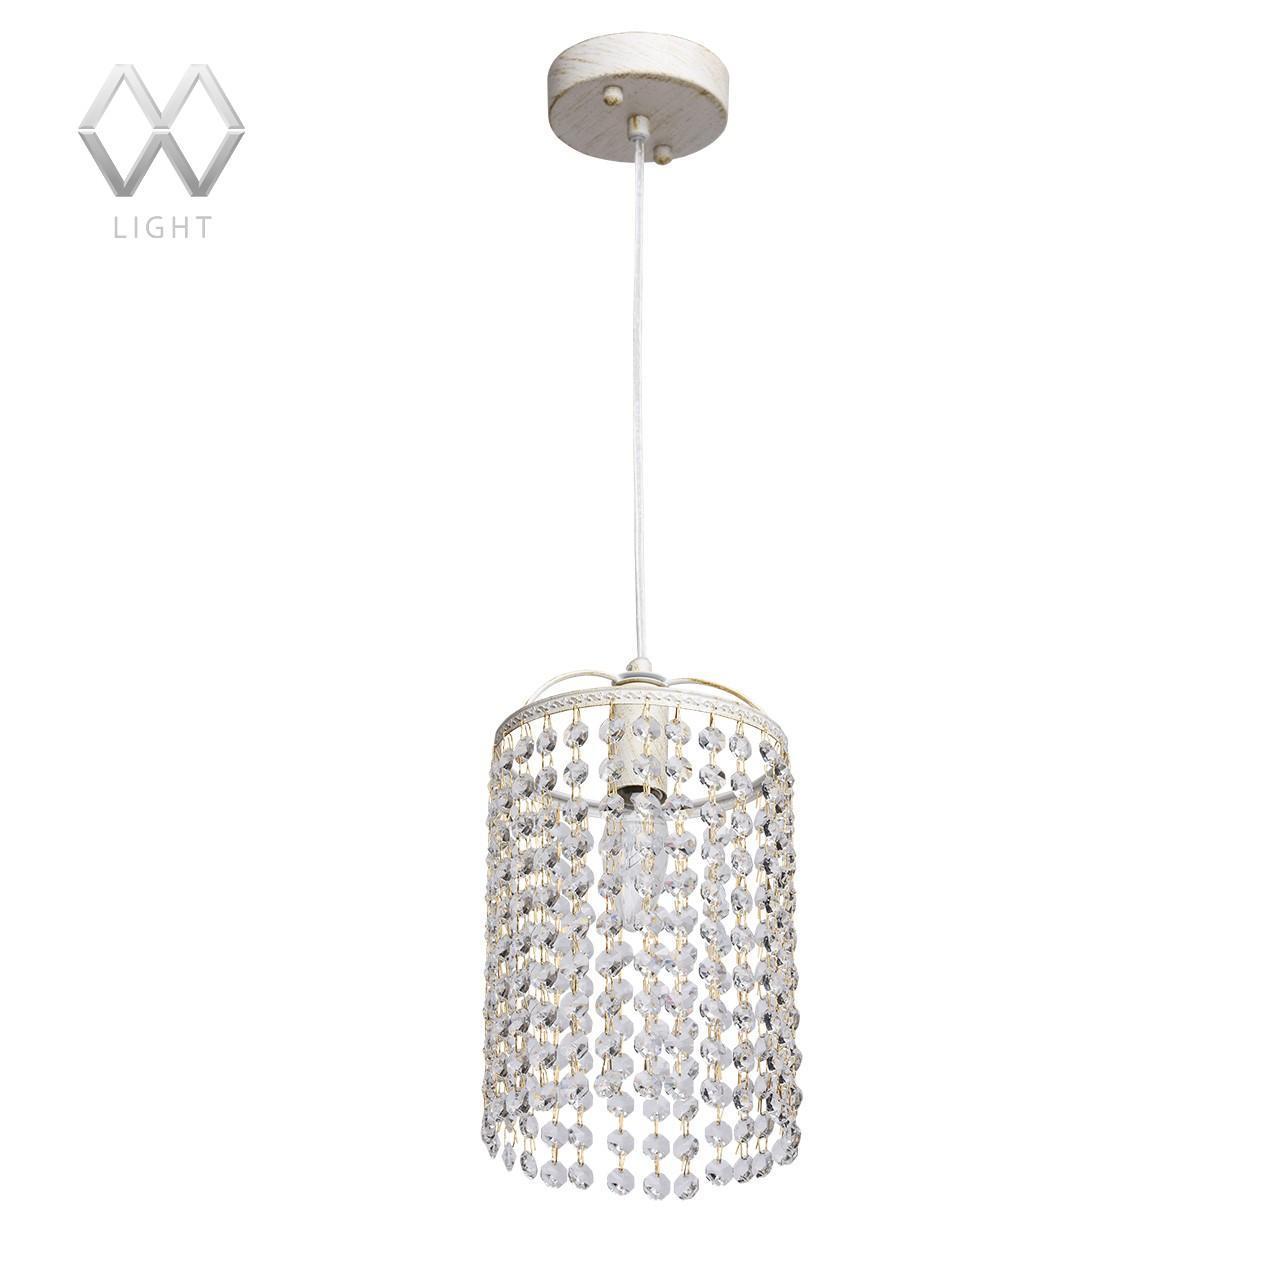 Подвесной светильник MW-Light Бриз 464016801 светильник подвесной mw light бриз 464012201